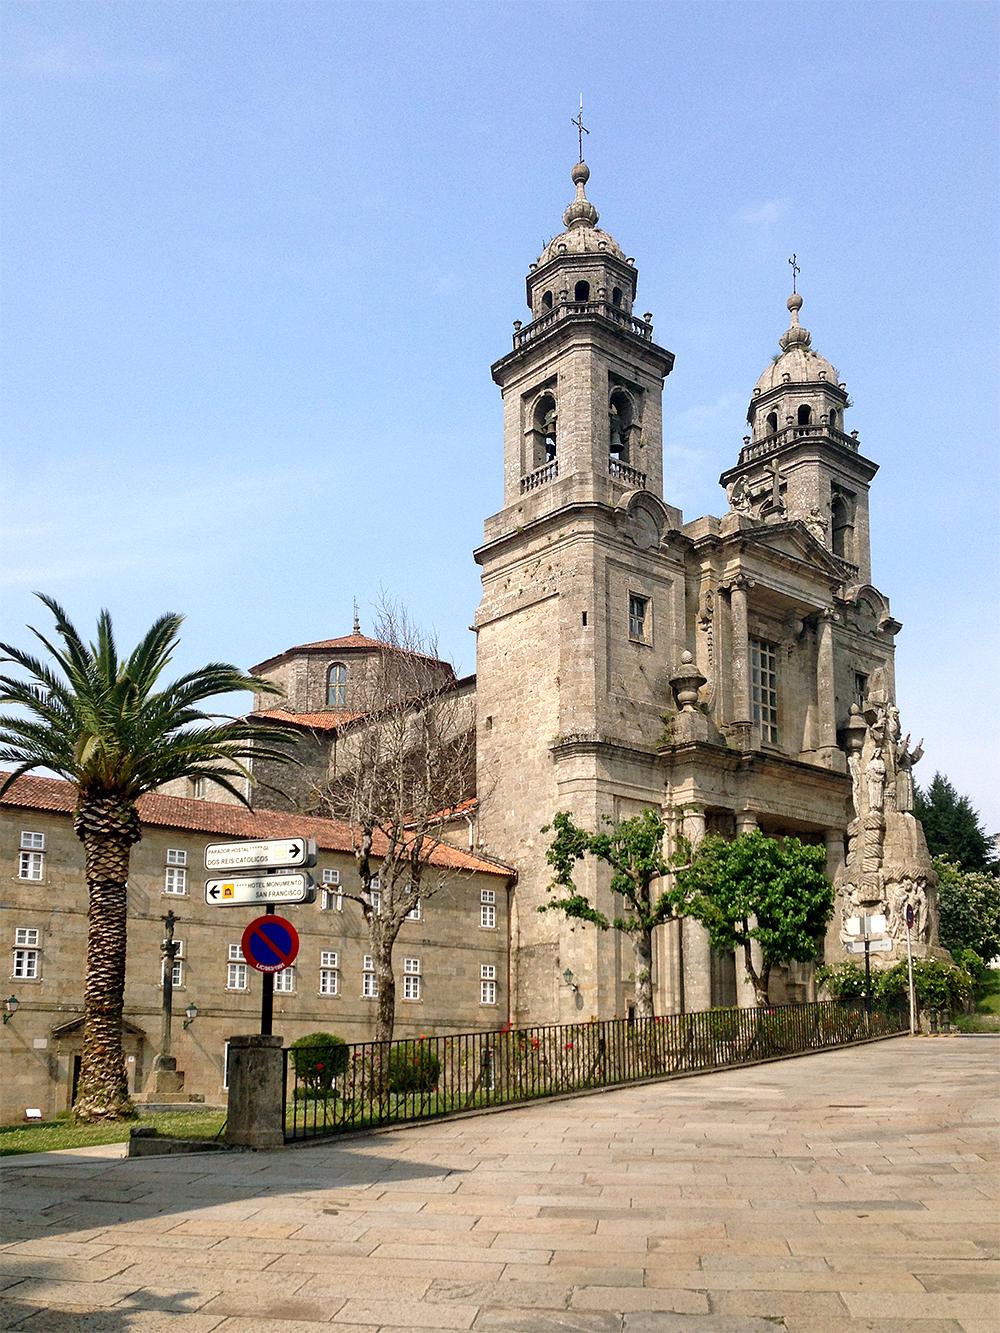 Считается, что в начале XIII века святой Франциск Ассизский совершил паломничество из Италии в Сантьяго-де-Компостела — теперь об этом напоминает посвященный ему храм в двух шагах от соборной площади города